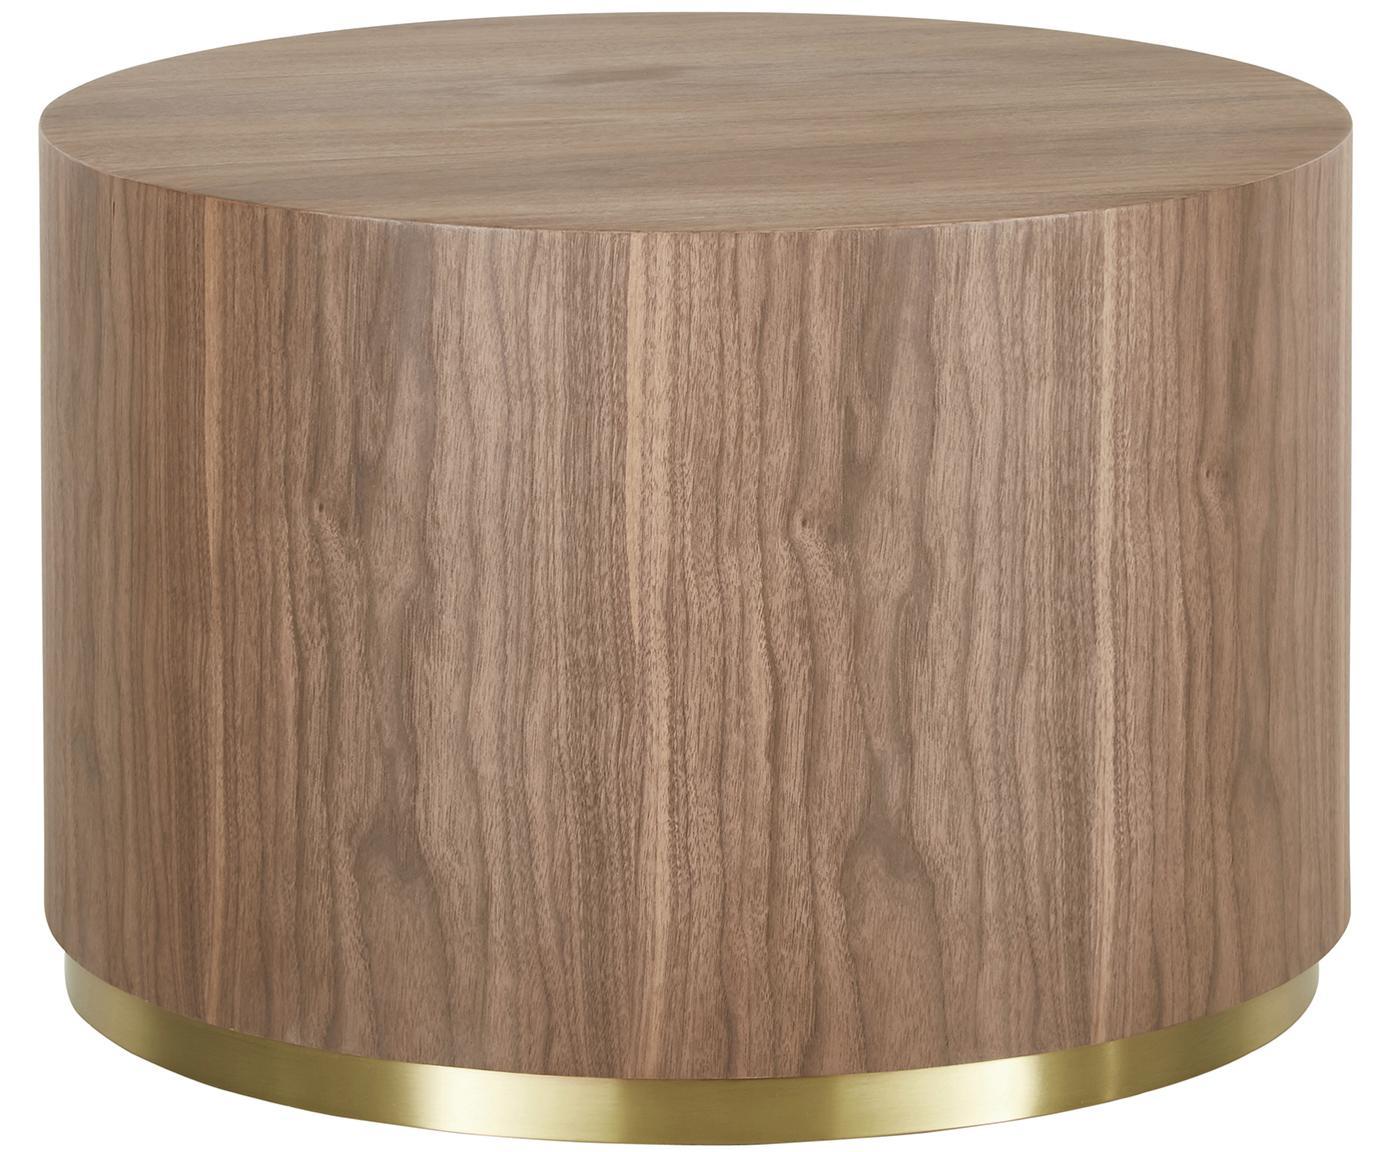 Mesa de centro redonda en nogal Clarice, Estructura: tablero de fibras de dens, Estructura: nogal Base: dorado, brillante cepillado, Ø 60 x Al 40 cm